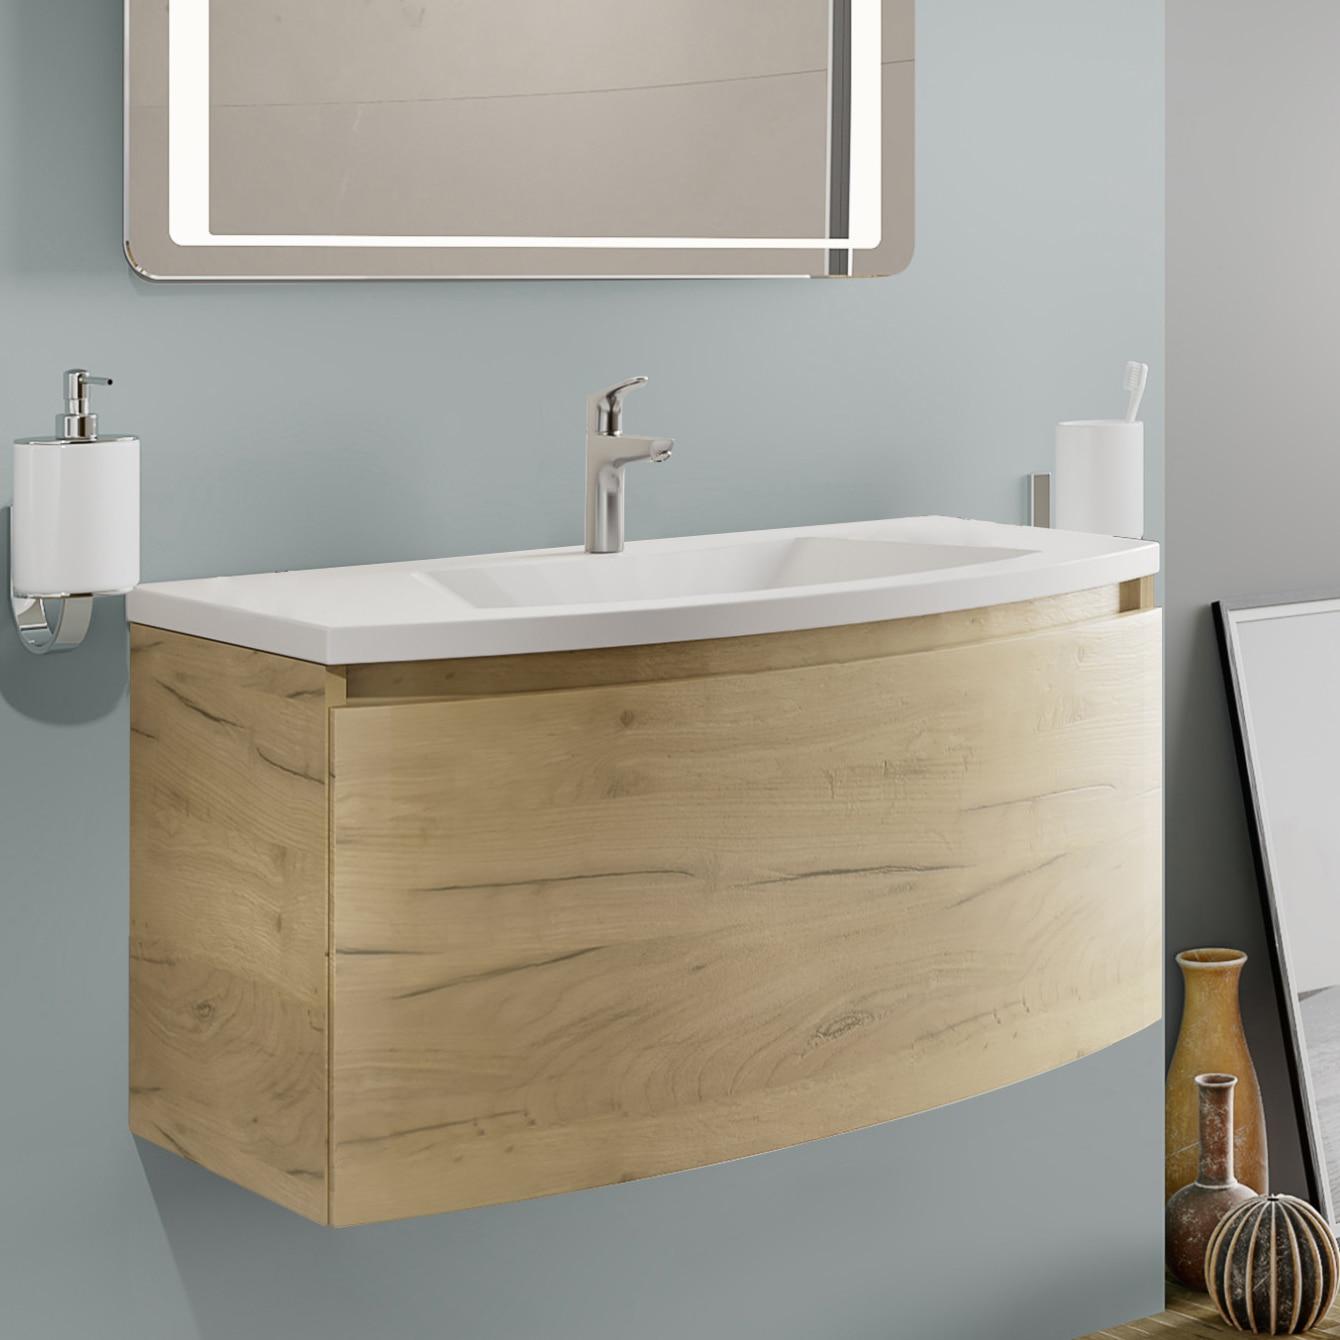 Fotografie Baza mobilier Kring Luna, cu un sertar cu inchidere amortizata, infoliat stejar auriu, 81x41x49 cm